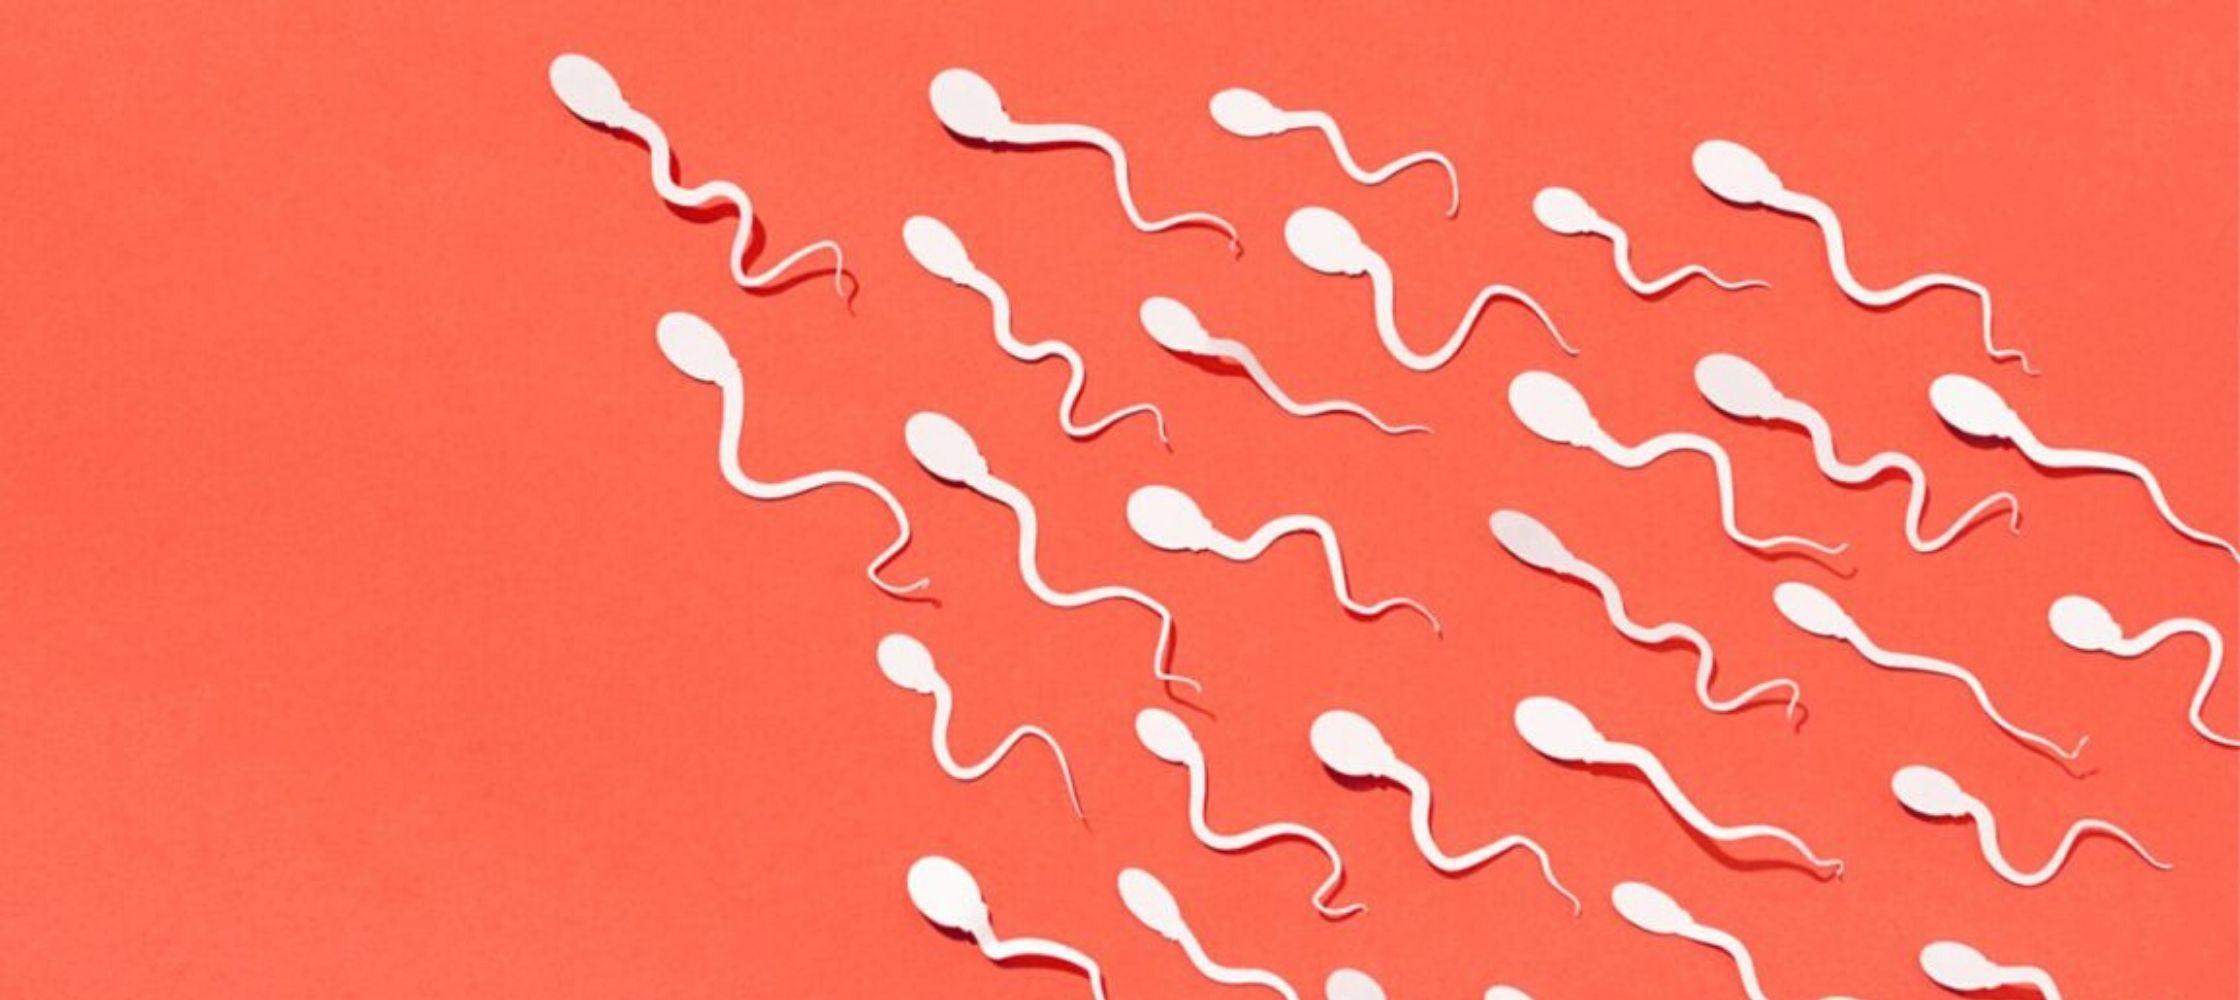 Sperma kwaliteit verbeteren